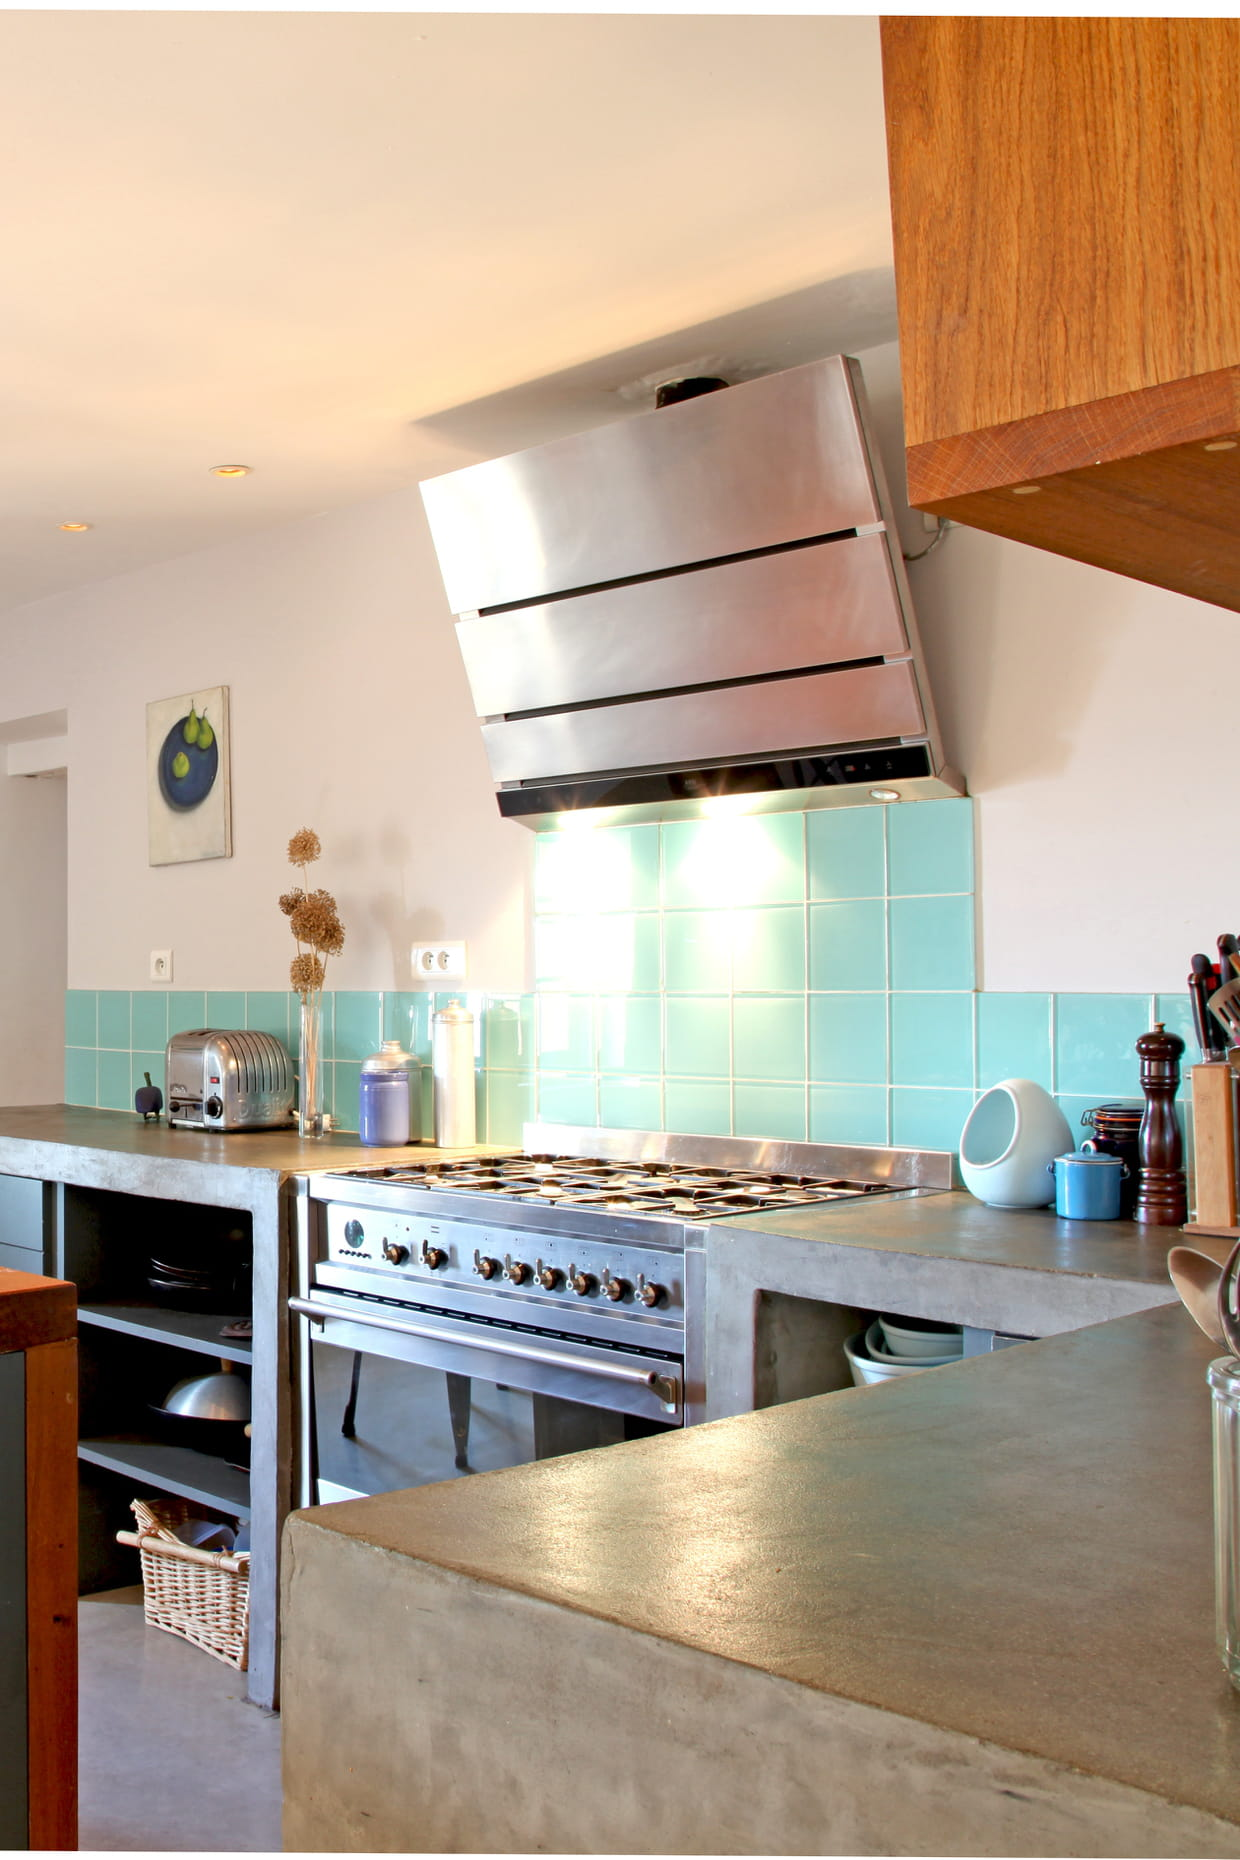 cr dence bleut e. Black Bedroom Furniture Sets. Home Design Ideas